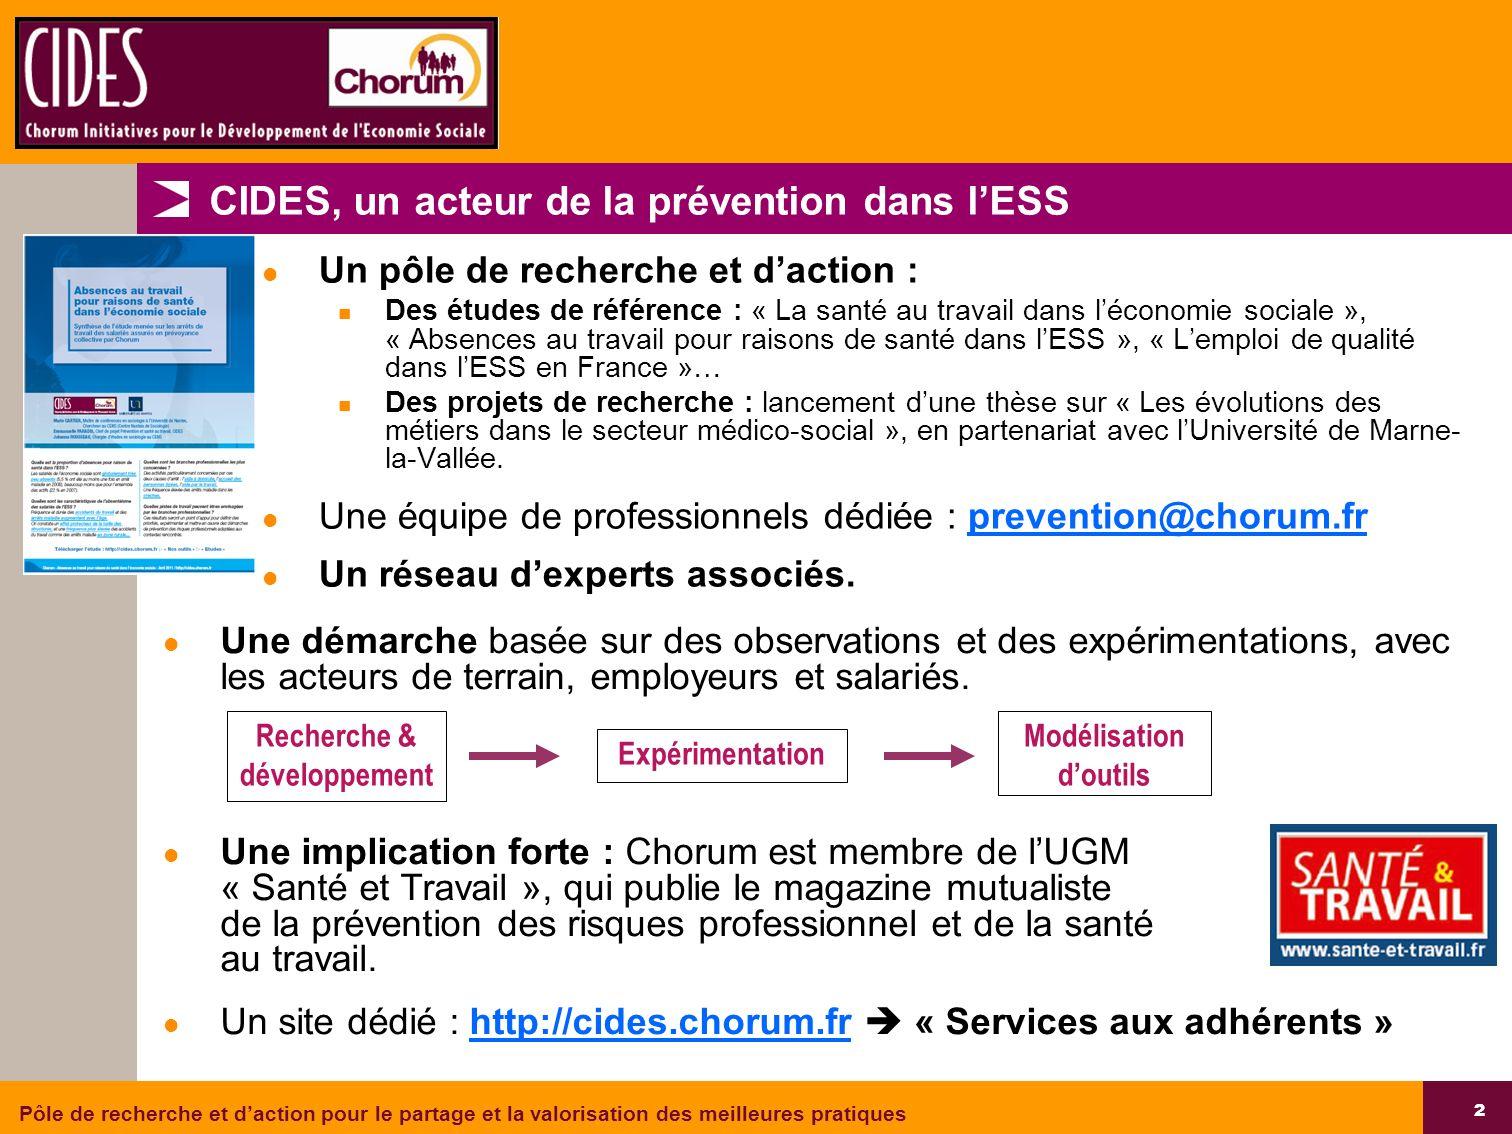 CIDES, un acteur de la prévention dans l'ESS